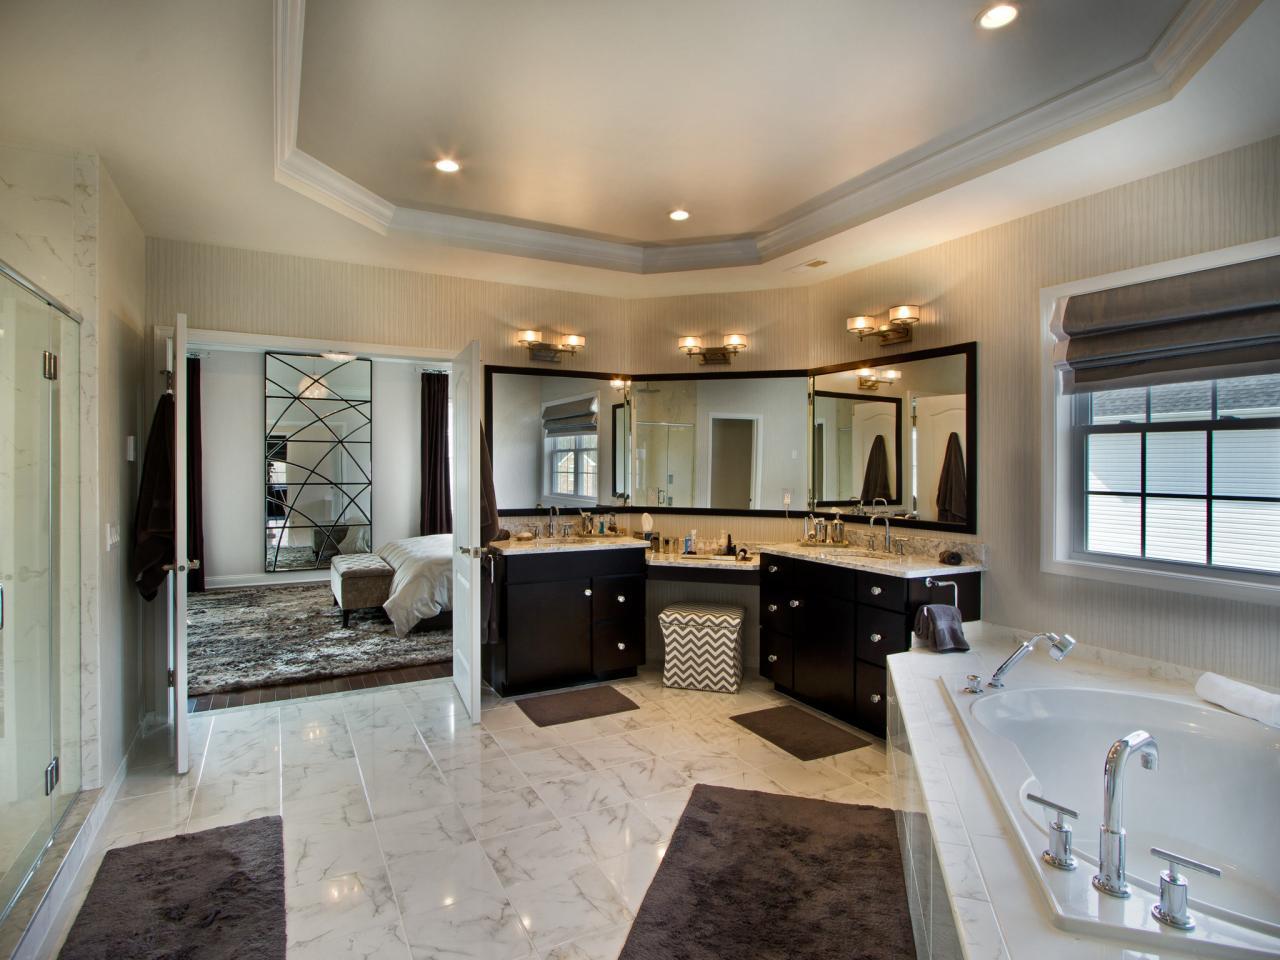 Master Bathroom Plans  25 Extraordinary Master Bathroom Designs